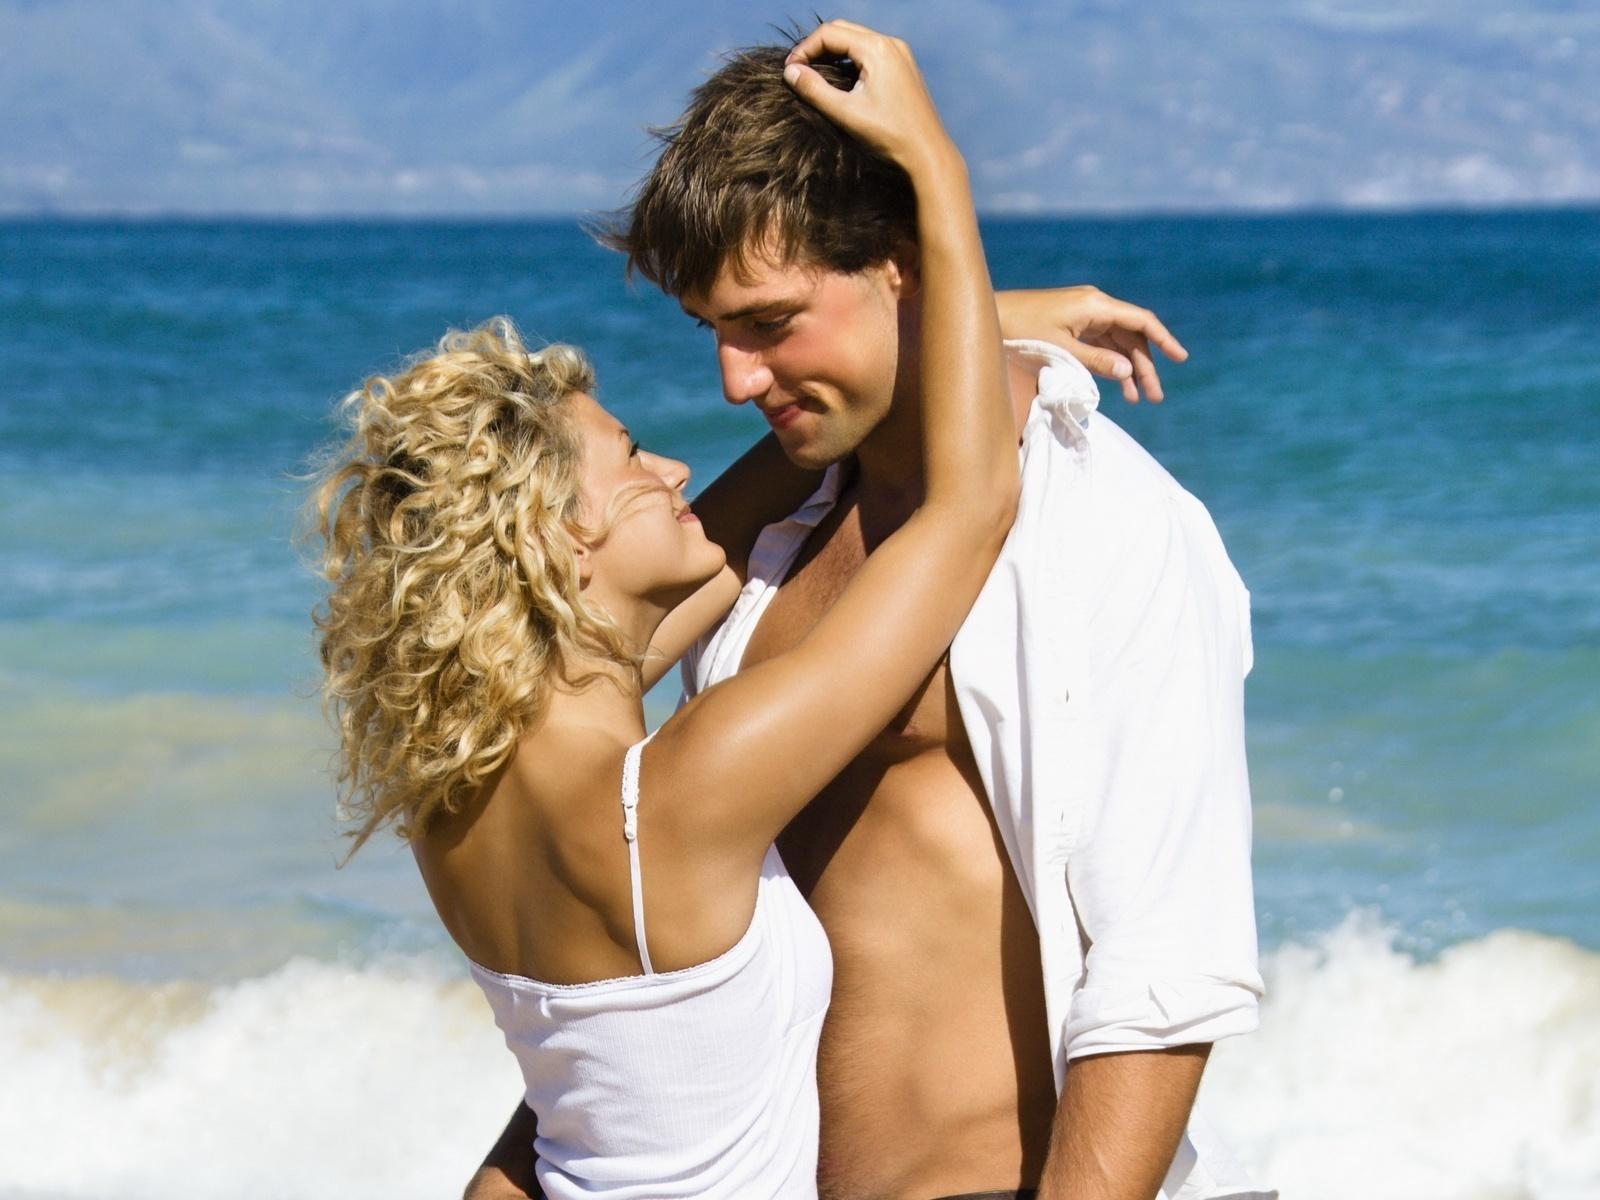 Романтическое совращение невесты смотреть онлайн 18 фотография